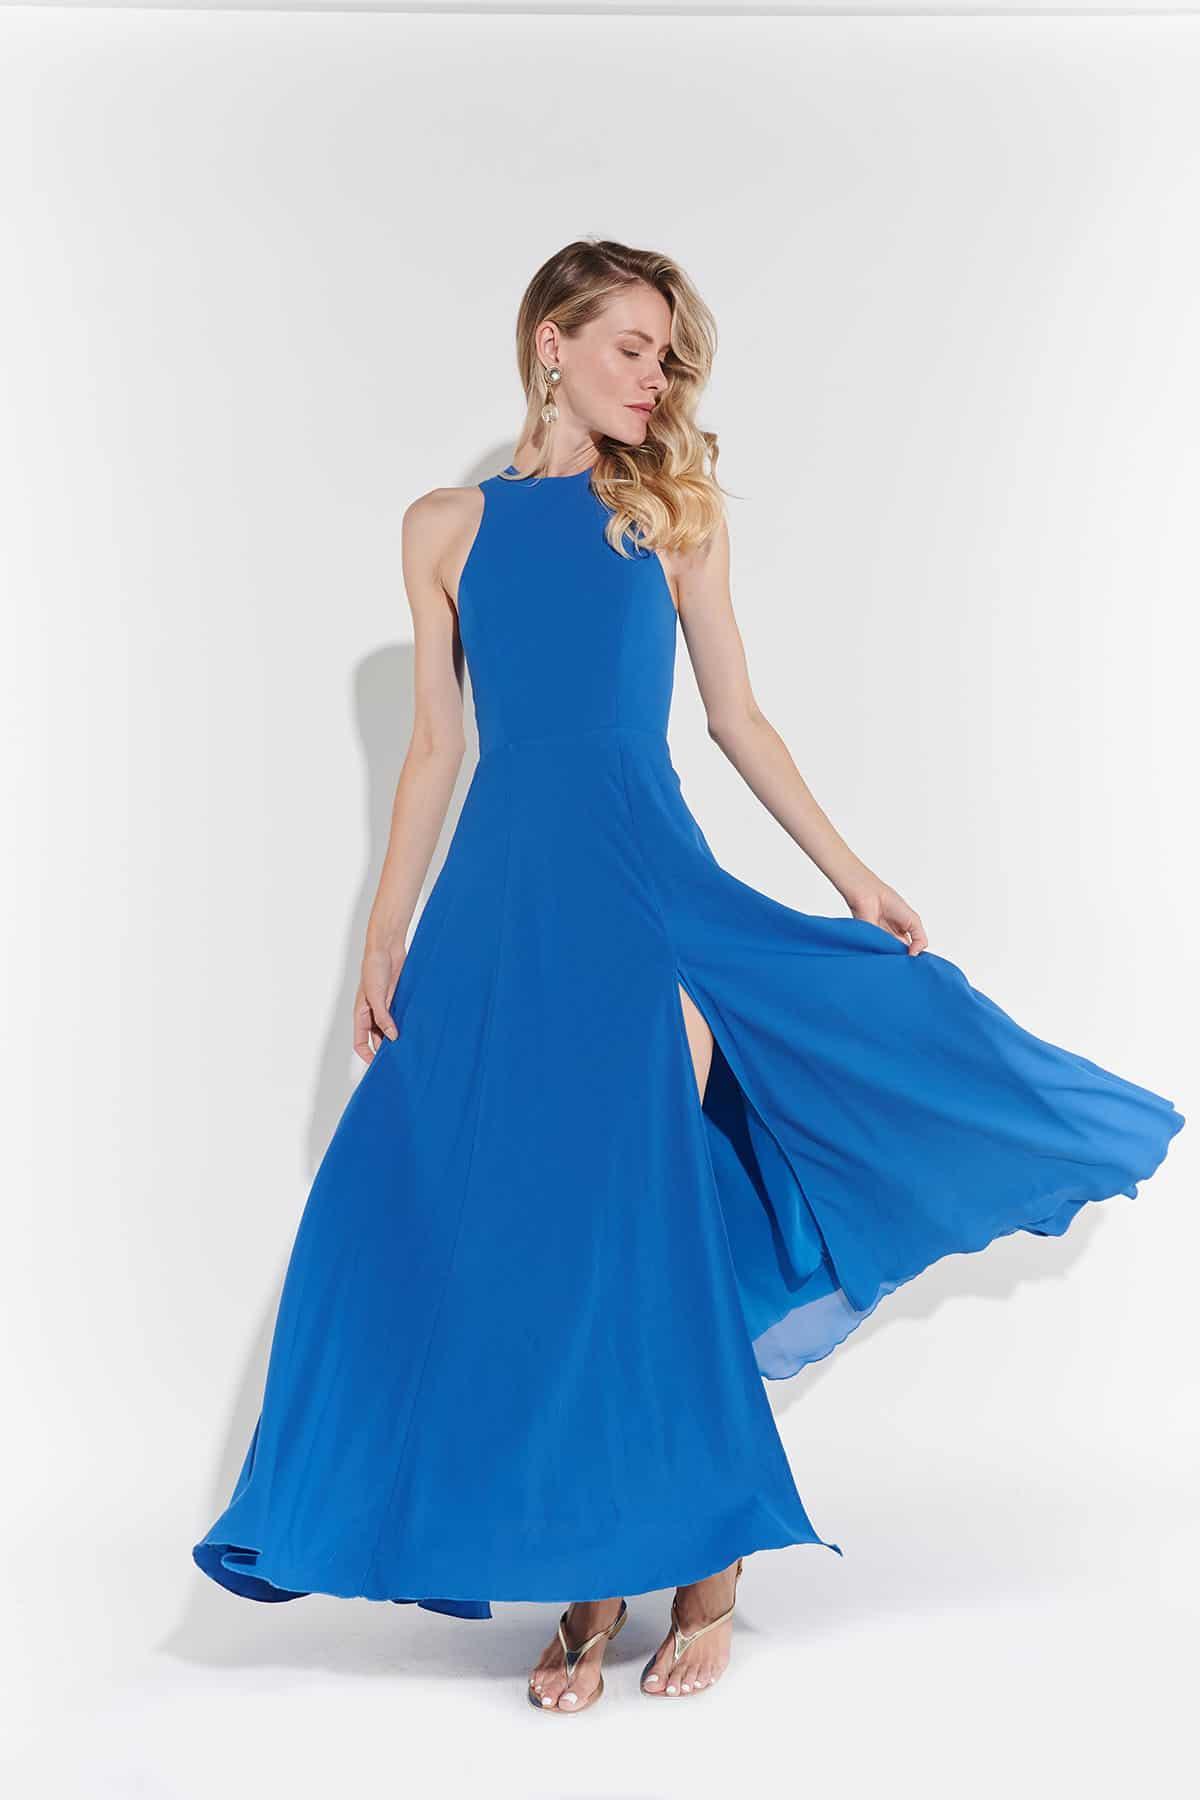 90lar likra omuzları açık modern sırt fermuarlı açılan derin yırtmaçlı saks mavi elbise